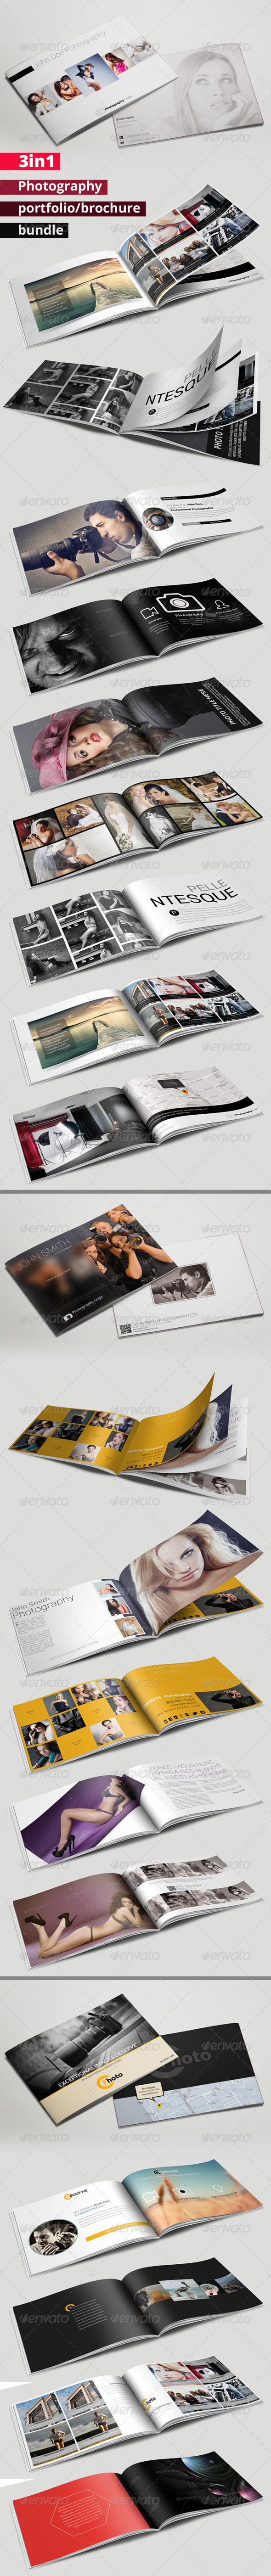 GraphicRiver 3in1 Photography Portfolio or Brochure Bundle 7087406